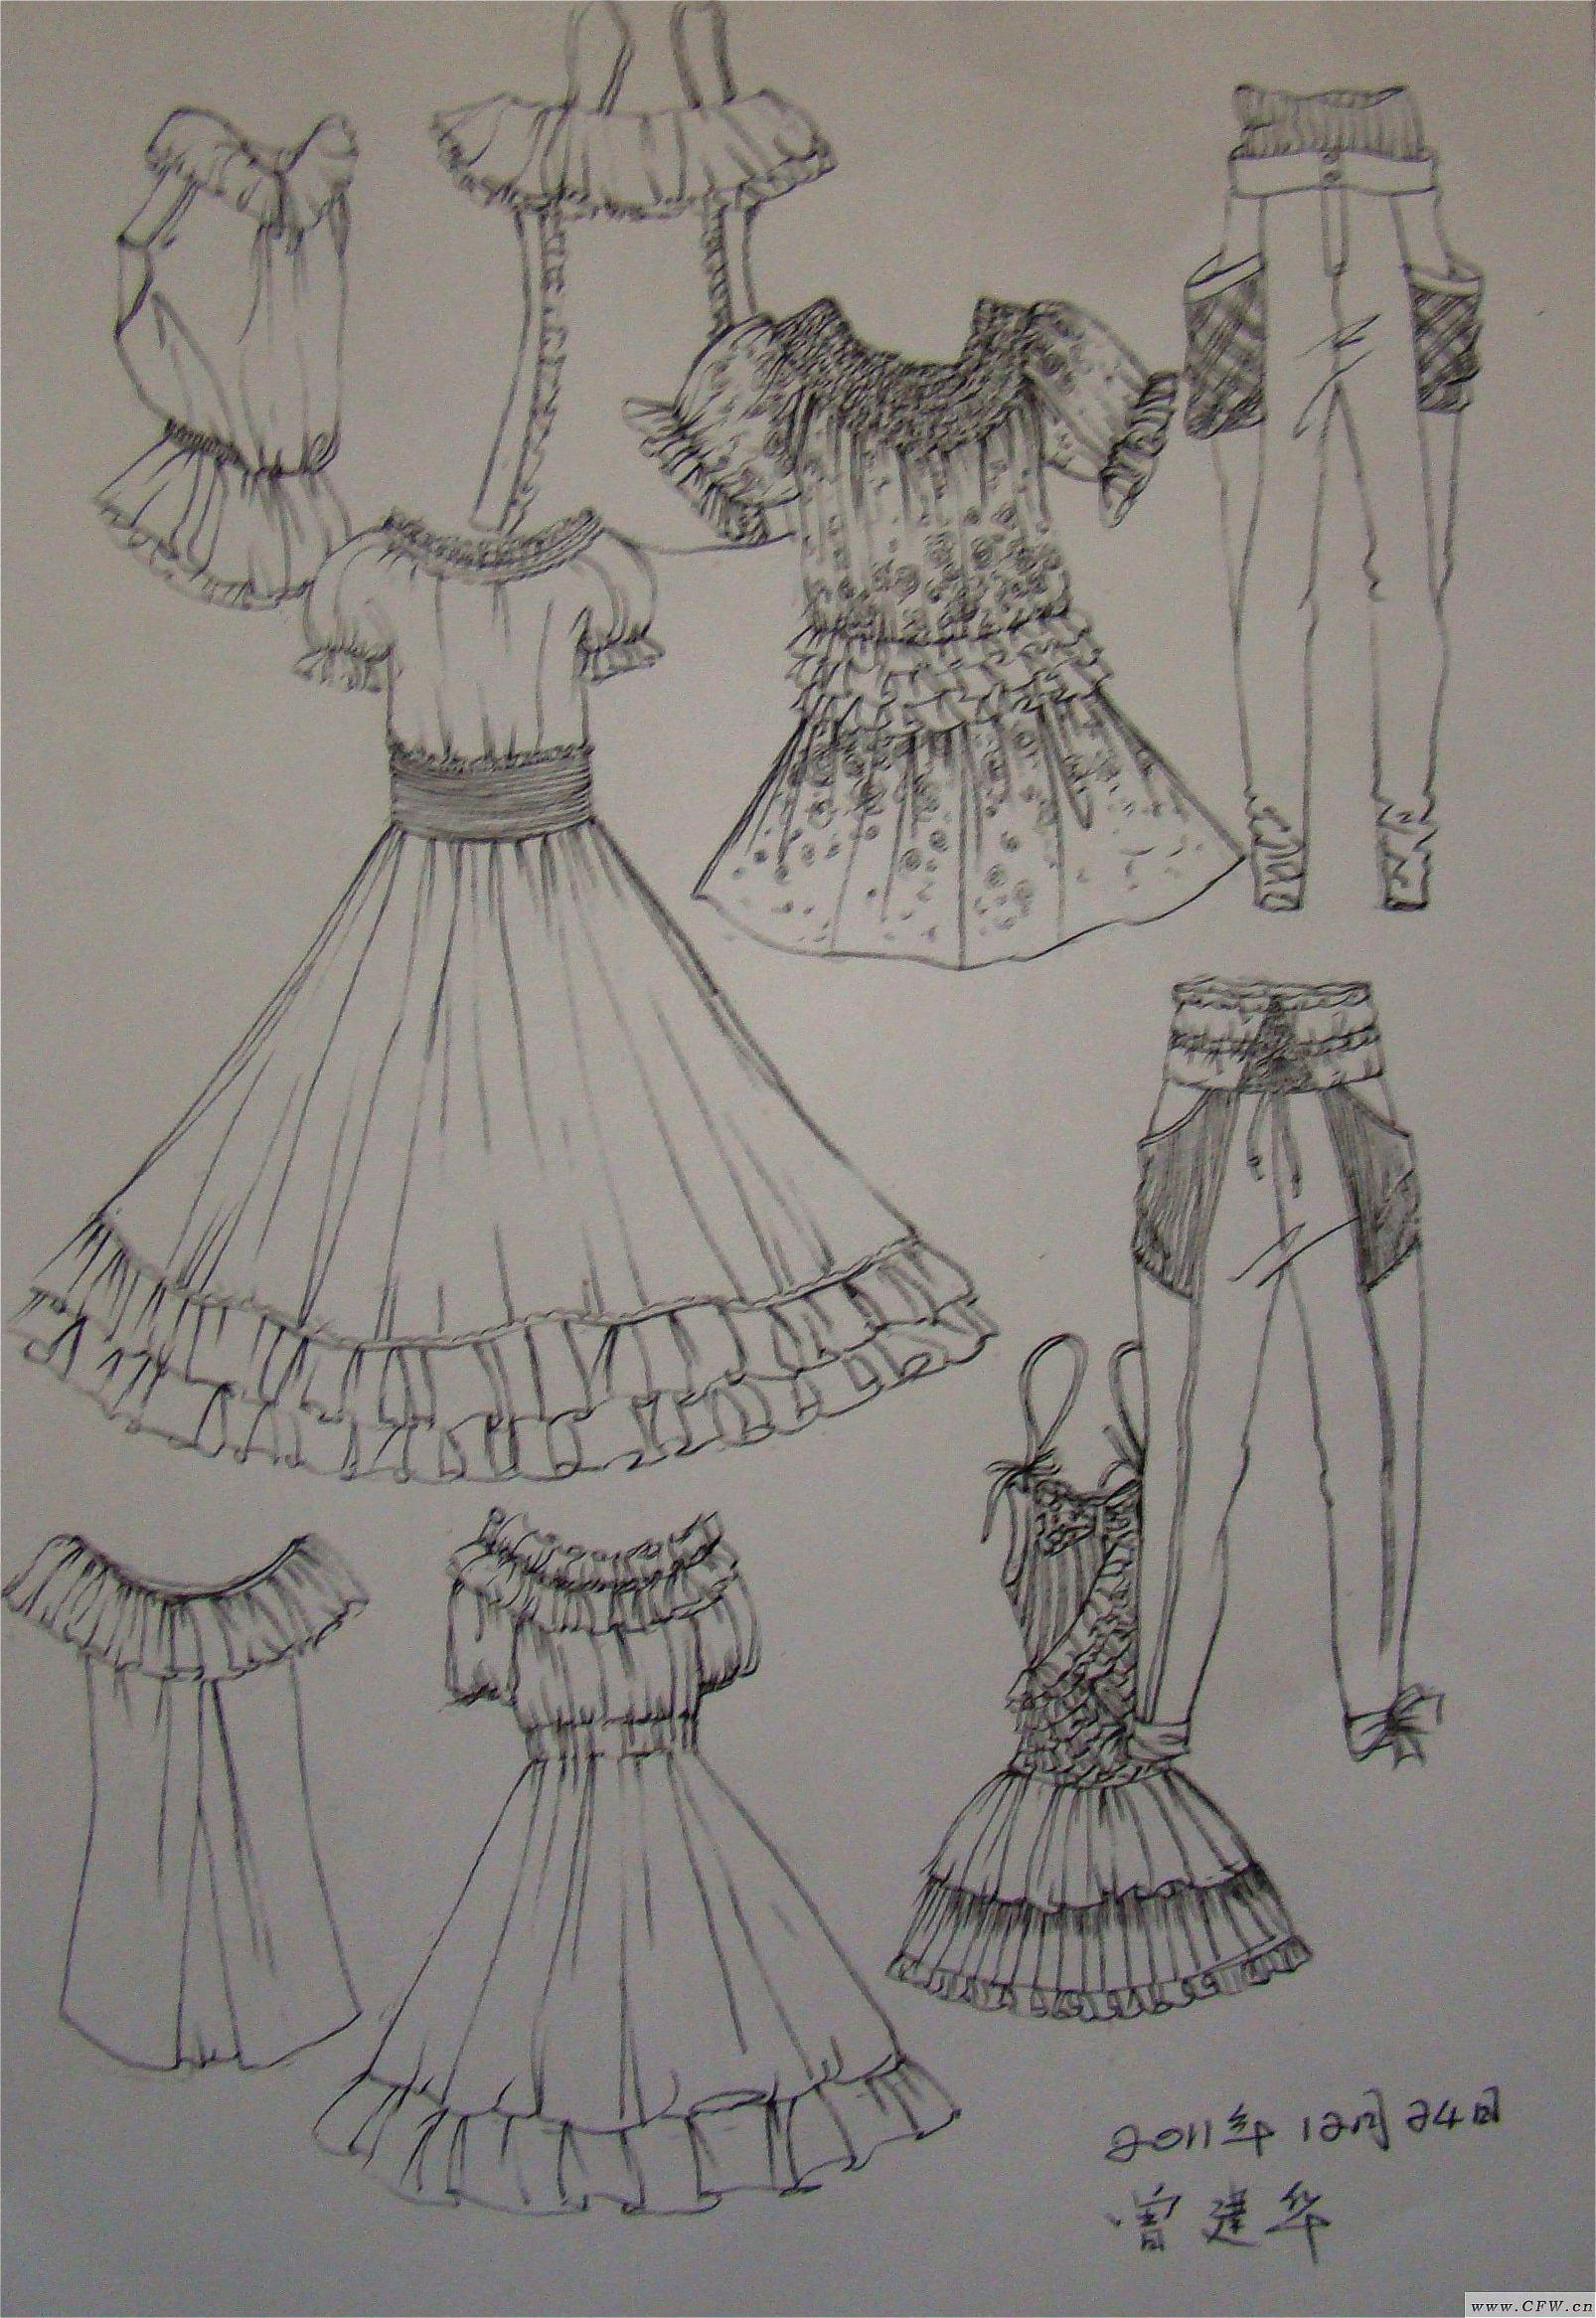 容易临摹的动漫图_衣服设计图片素描-设计裙子的手稿素描图|设计素描图片素材 ...